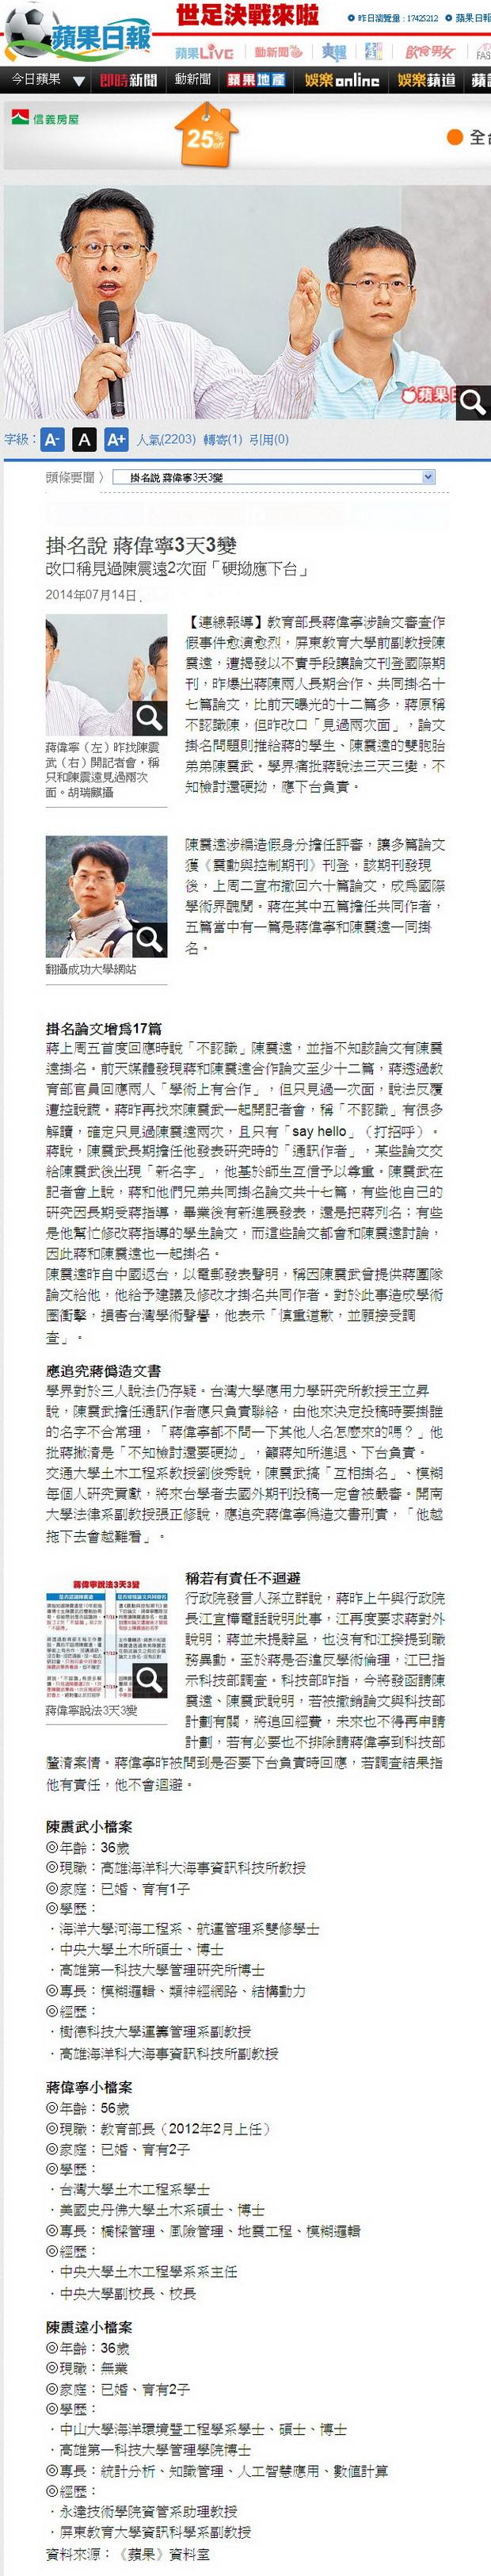 掛名說 蔣偉寧3天3變-2014.07.14.jpg